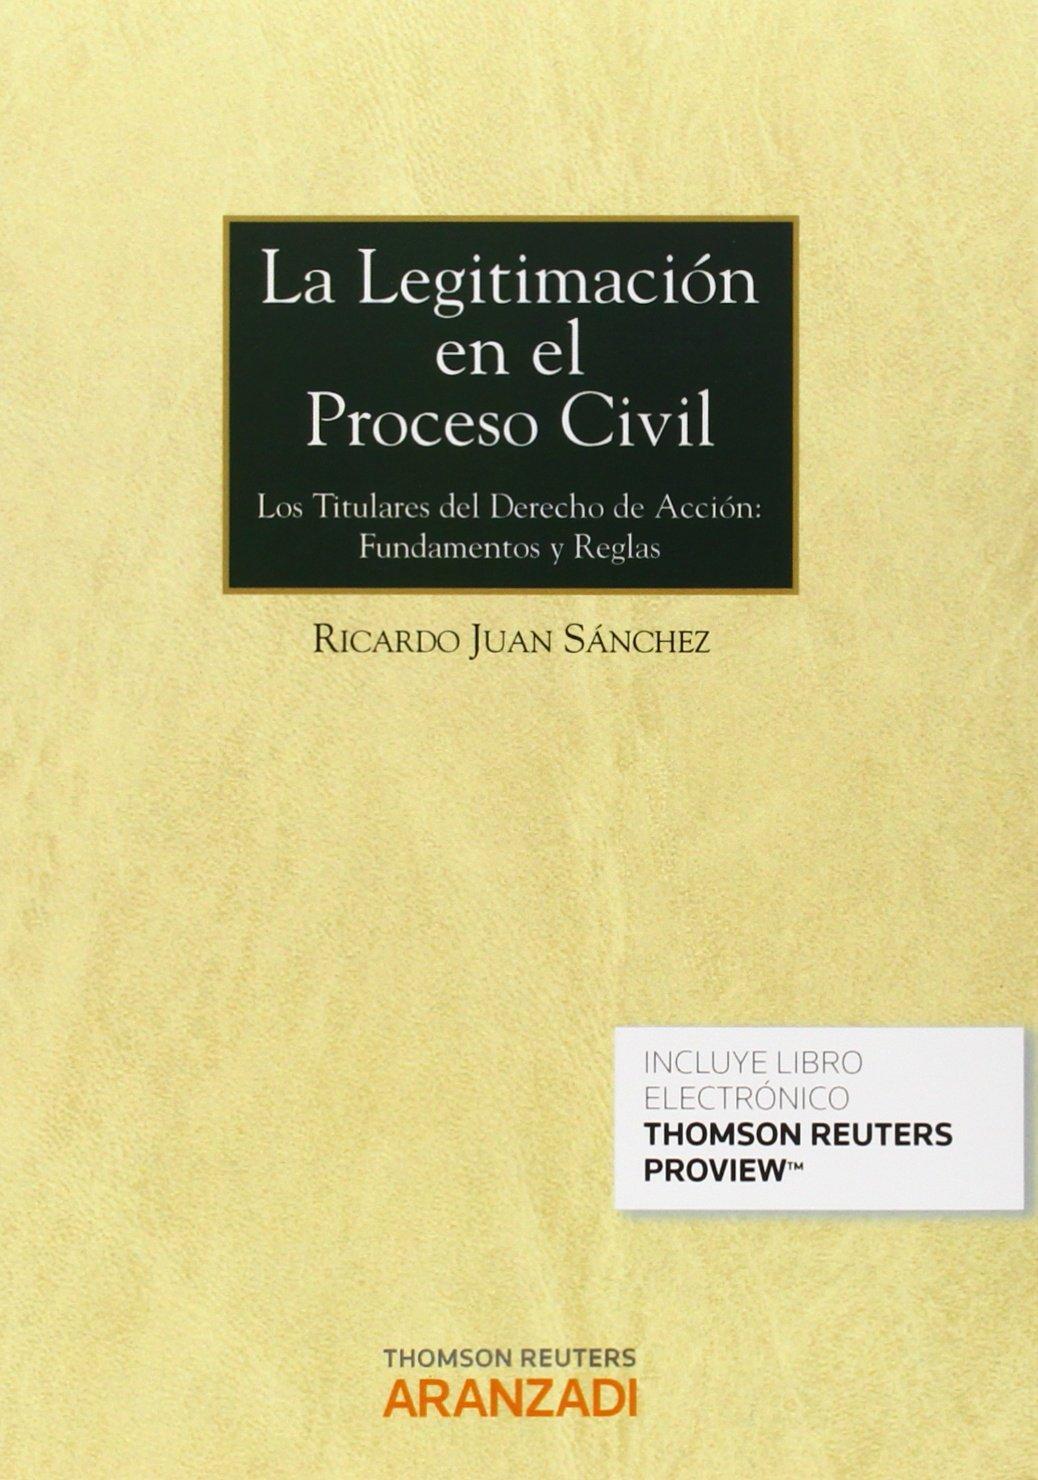 Legitimación en el Proceso Civil,La (Monografía): Amazon.es: Ricardo Juan Sánchez: Libros